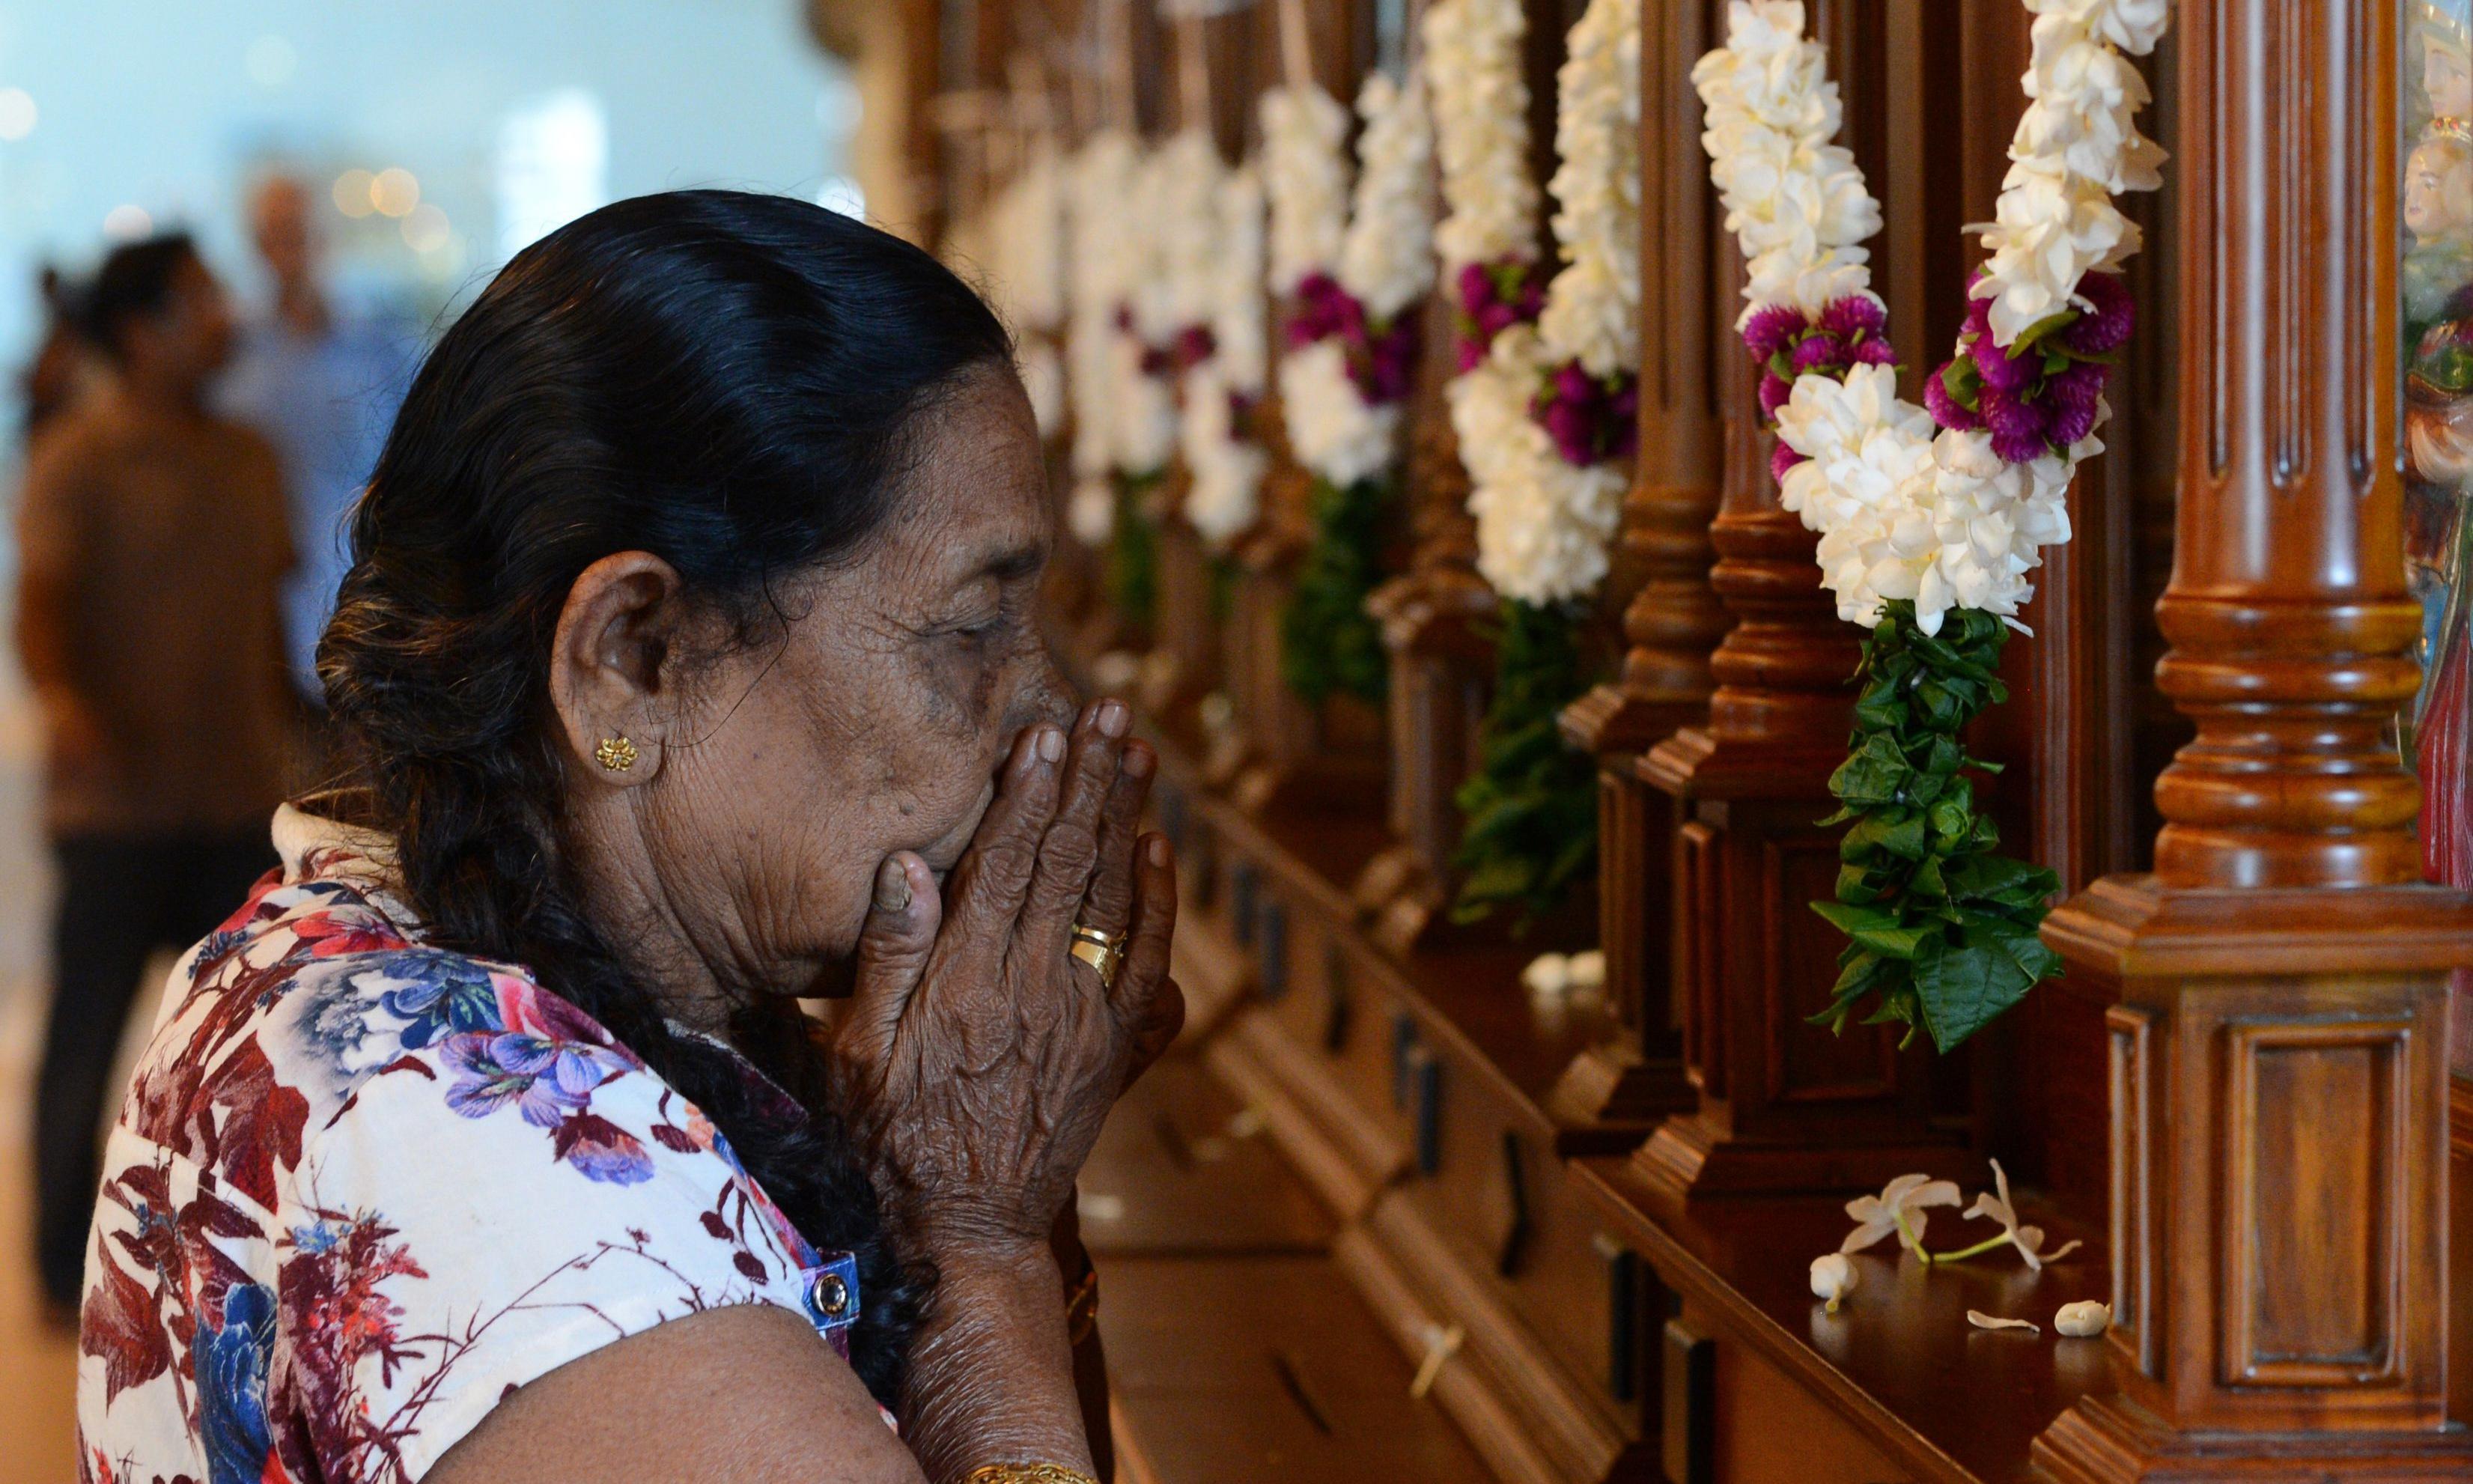 Sri Lanka spy chief blamed for failures over Easter bombings